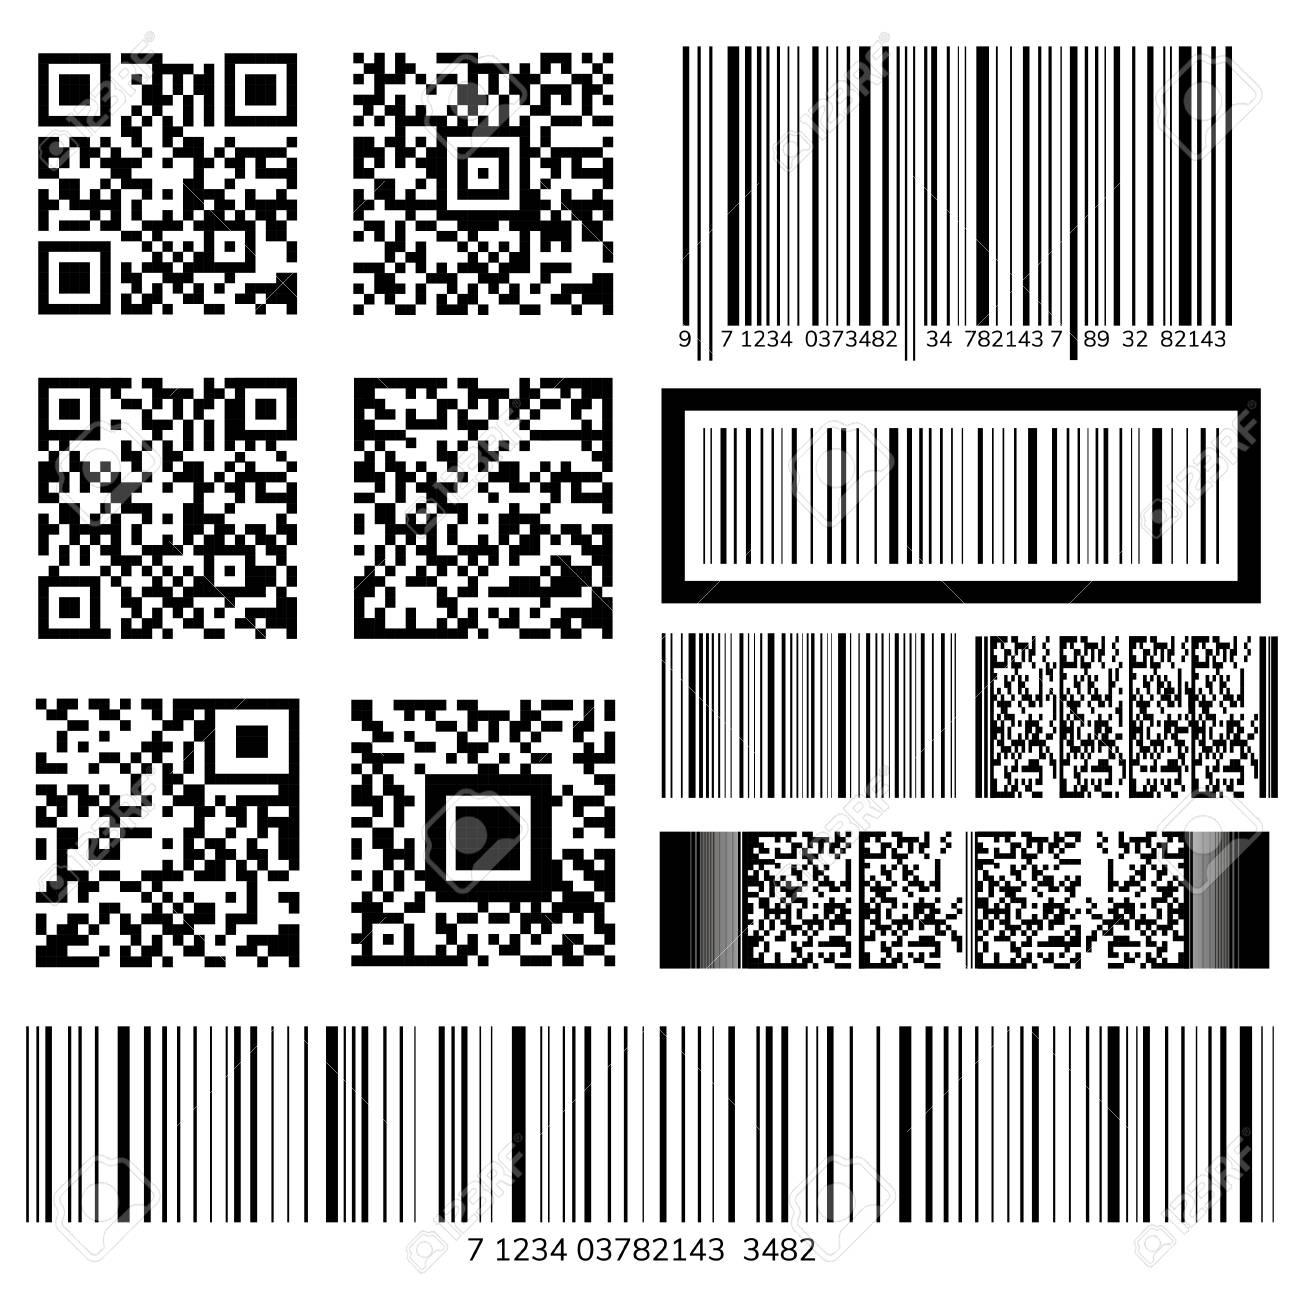 Barcode and QR code vectors - 115663976